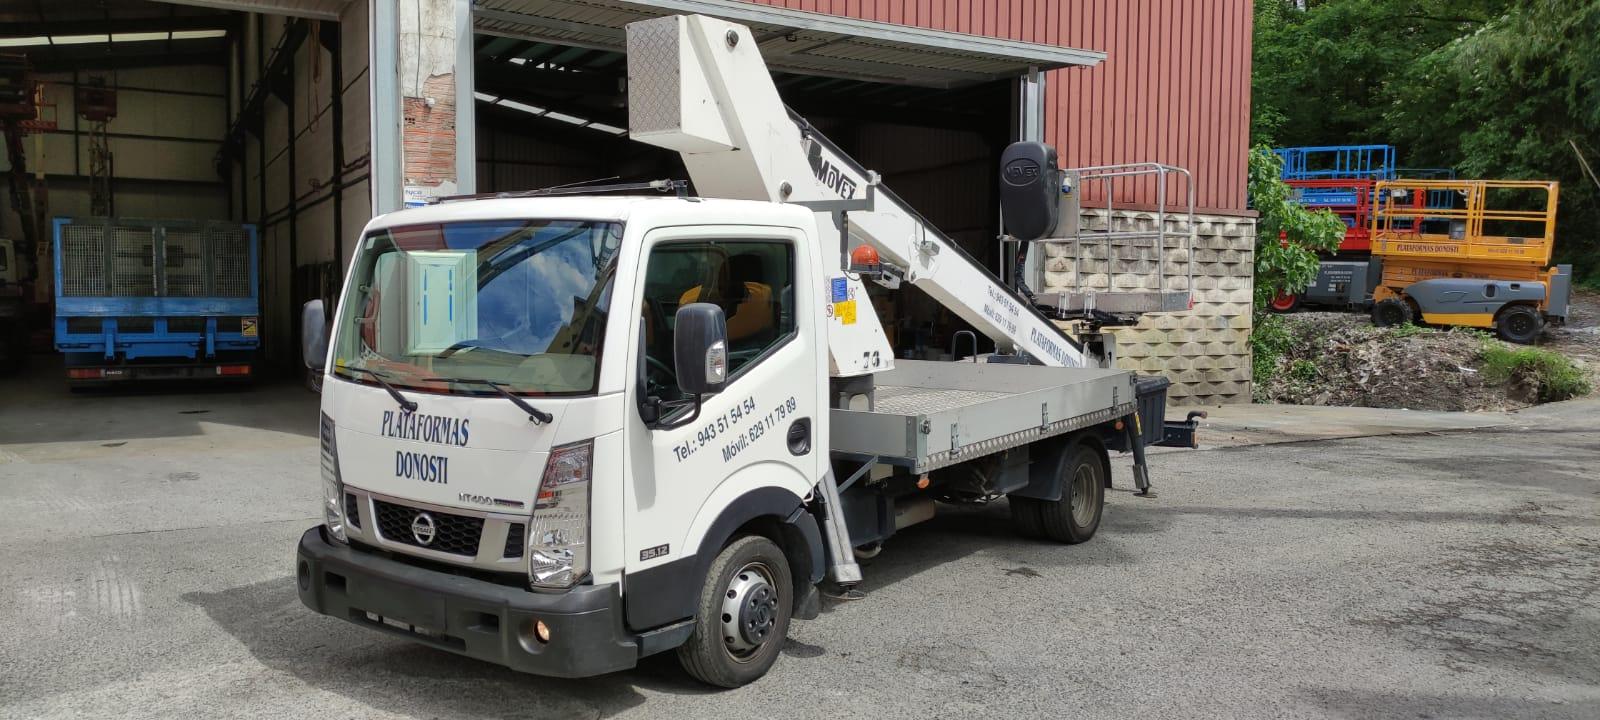 Camiones cesta de hasta 20 metros de altura en Donostia